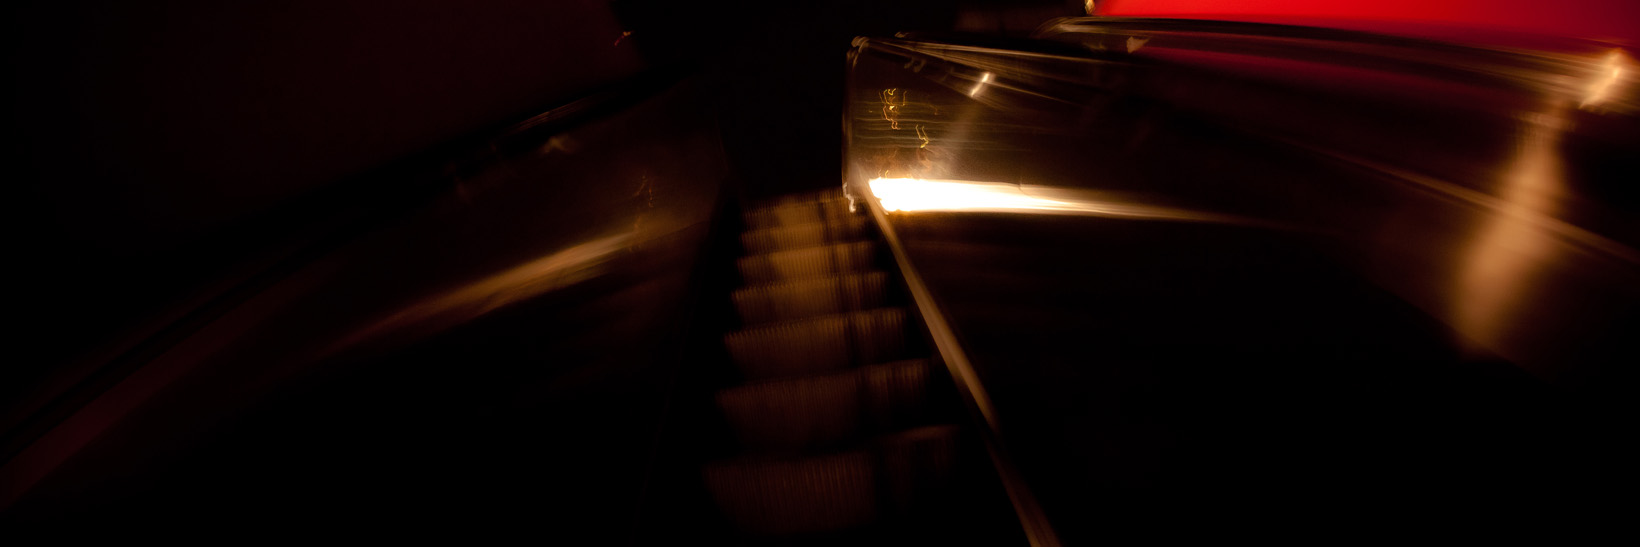 Light_3435